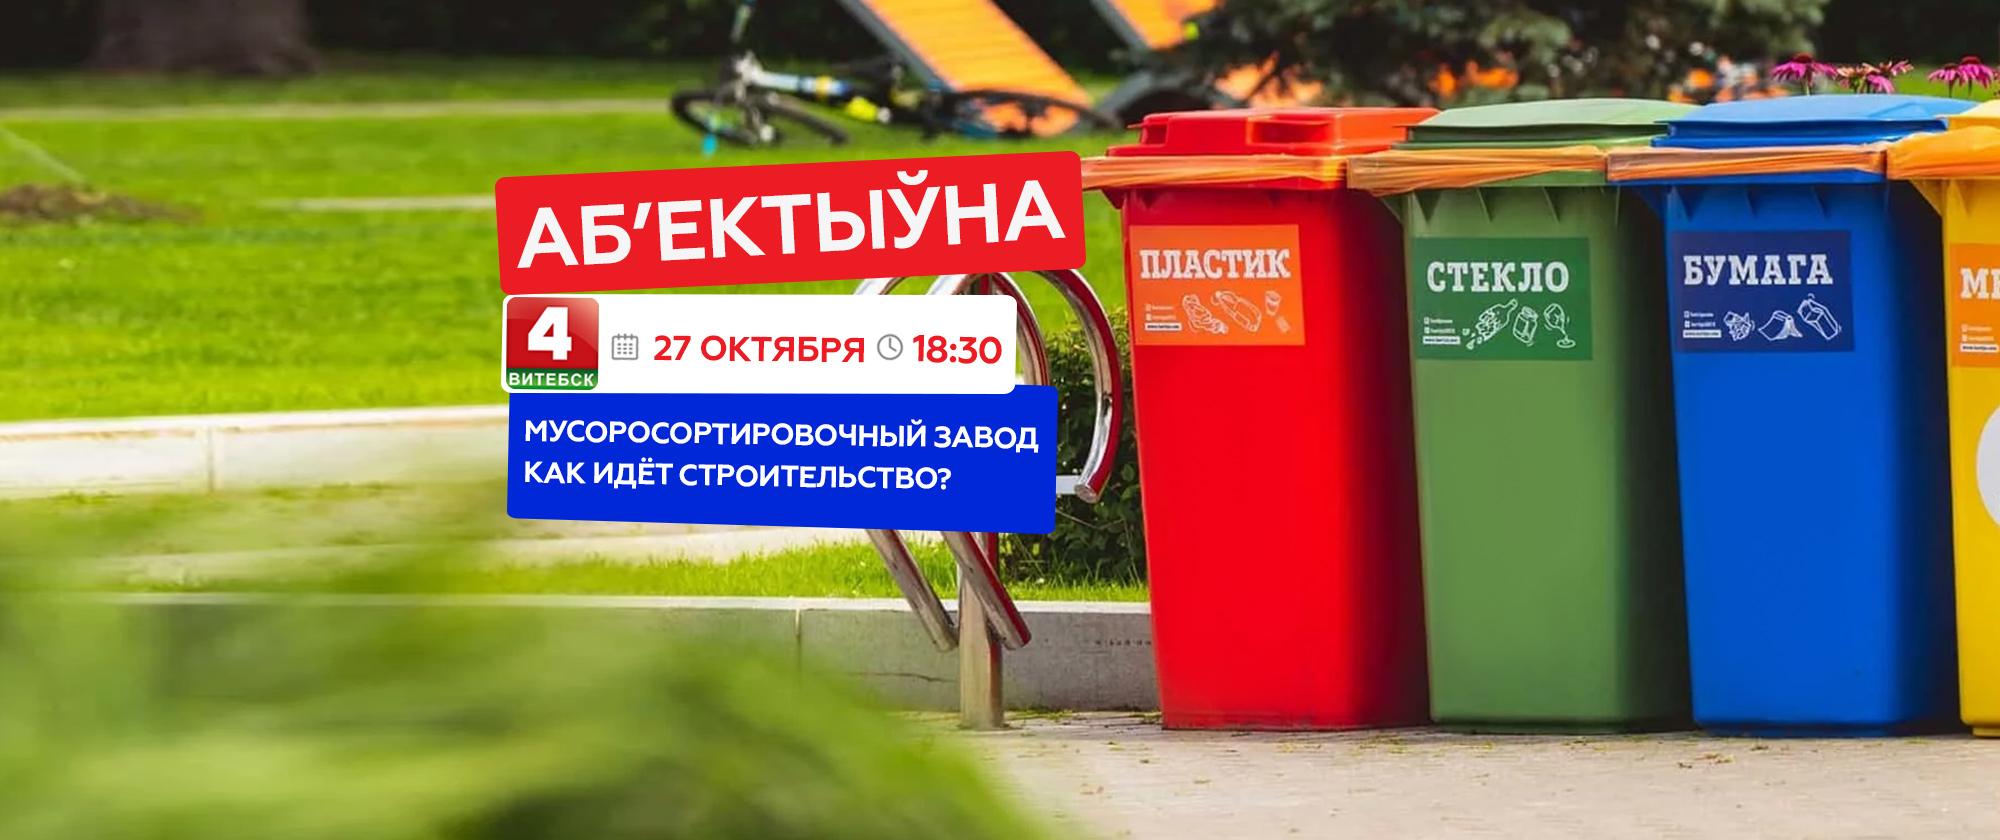 na kantroli ulady 27 oktjabrja - На-кантролi-улады-27-октября